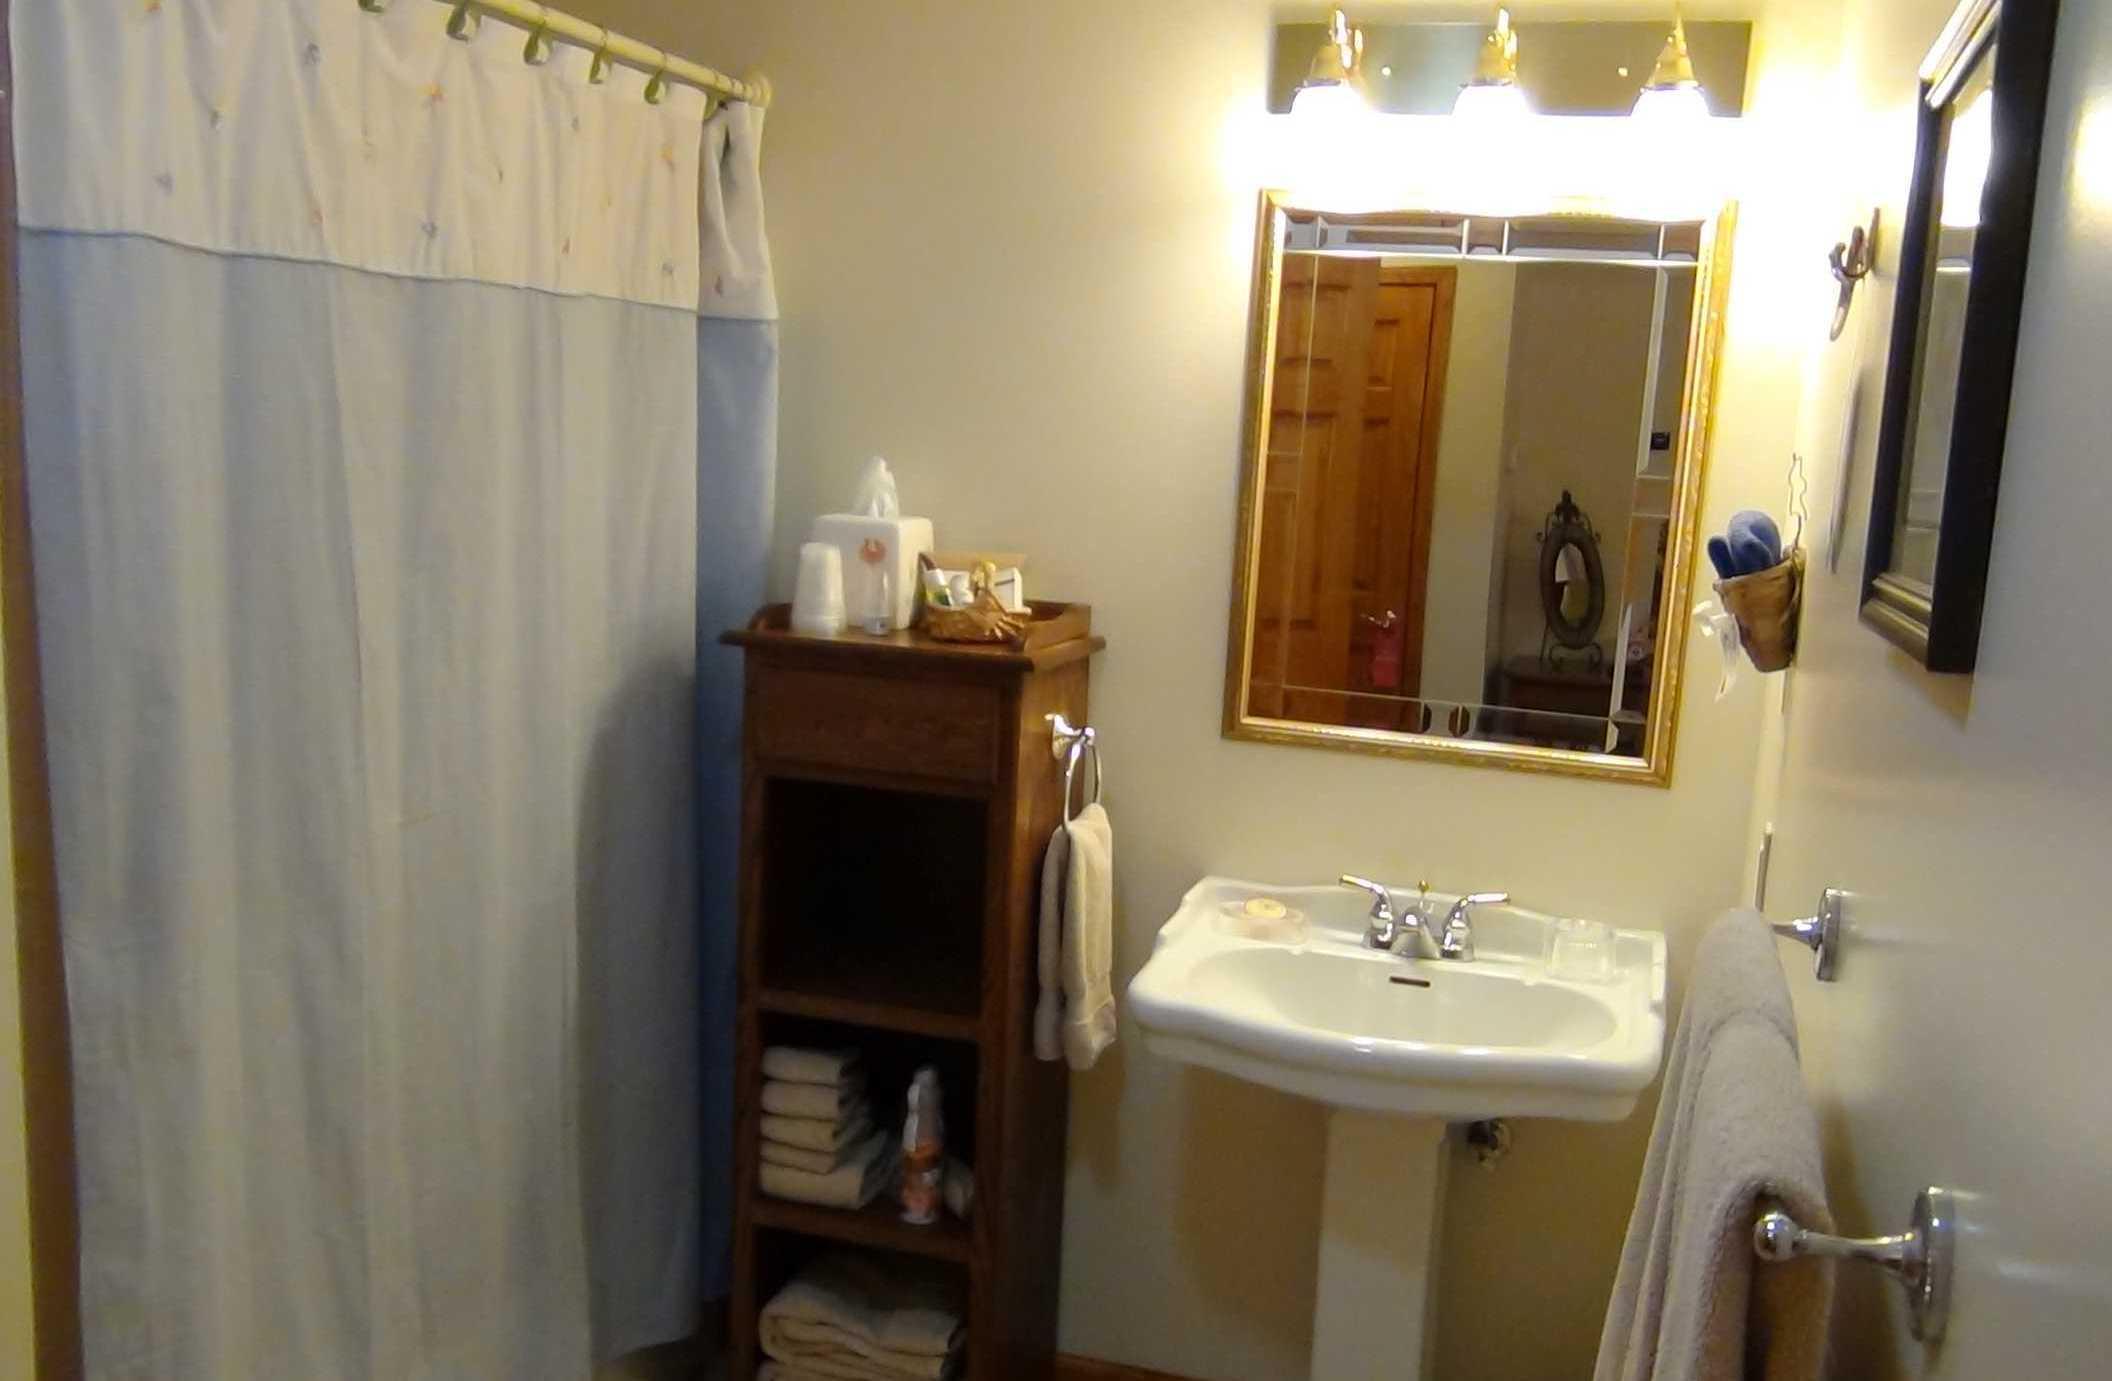 Crystal Bathroom